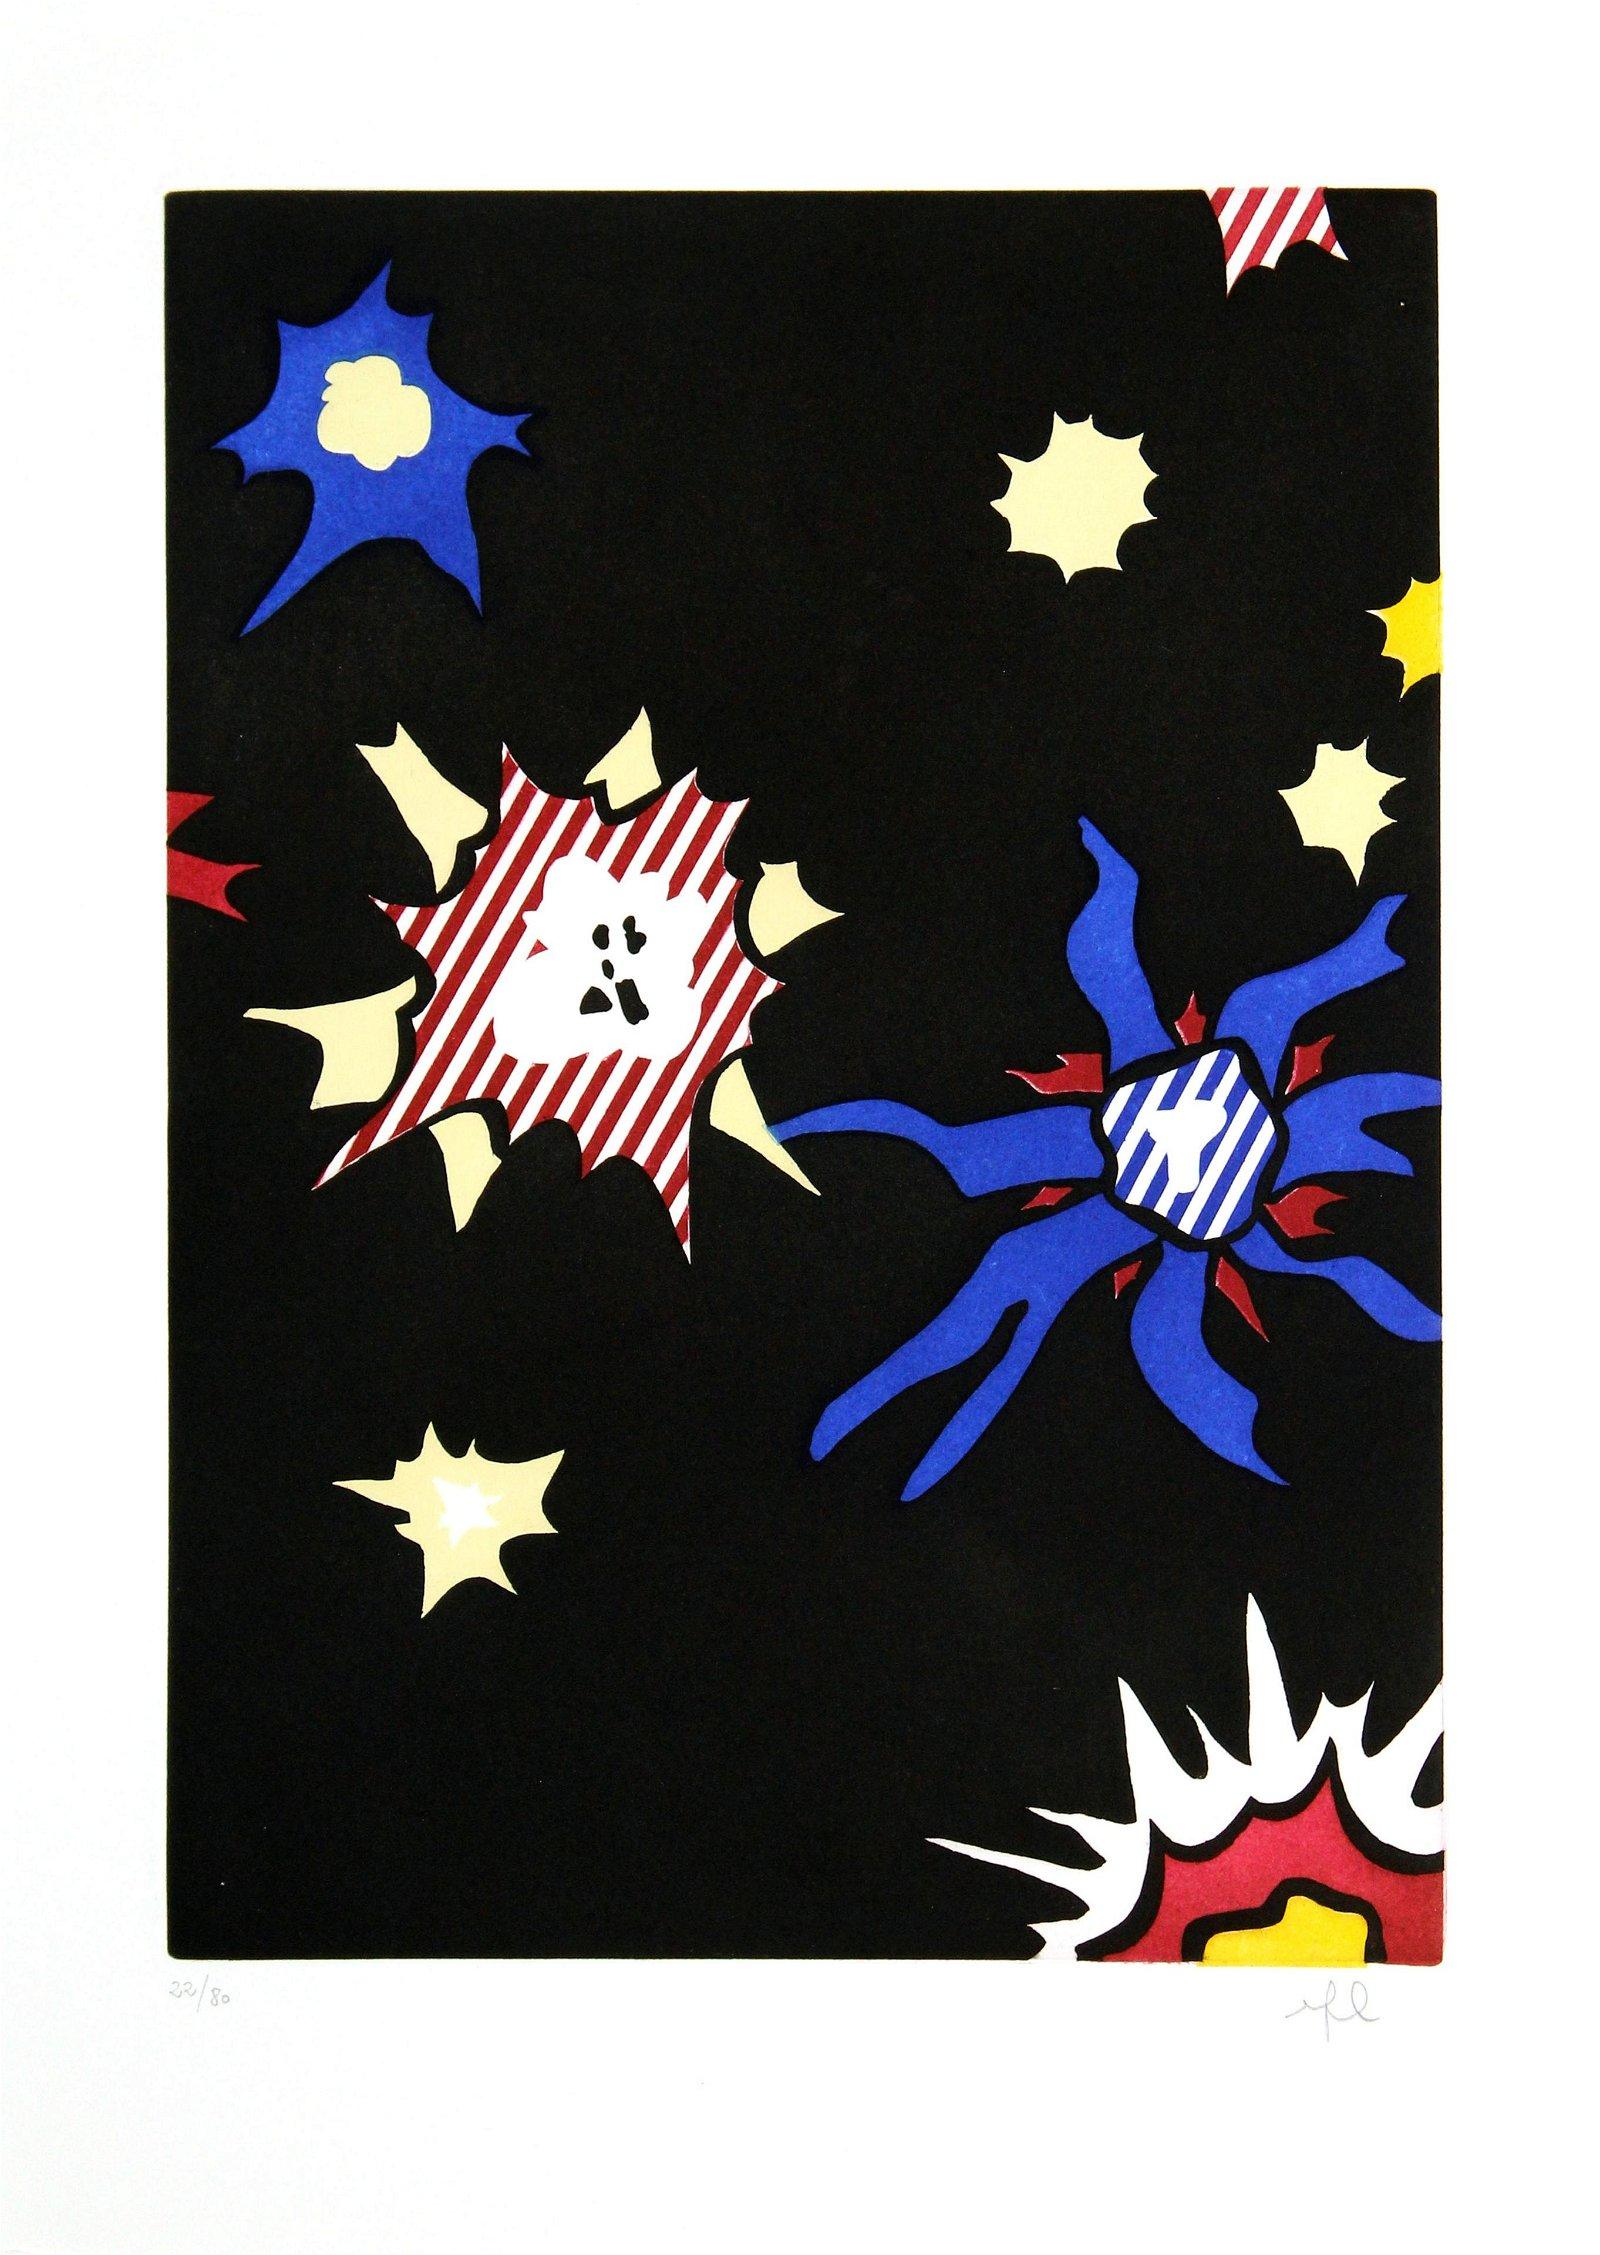 Roy Lichtenstein - Hum Bum!